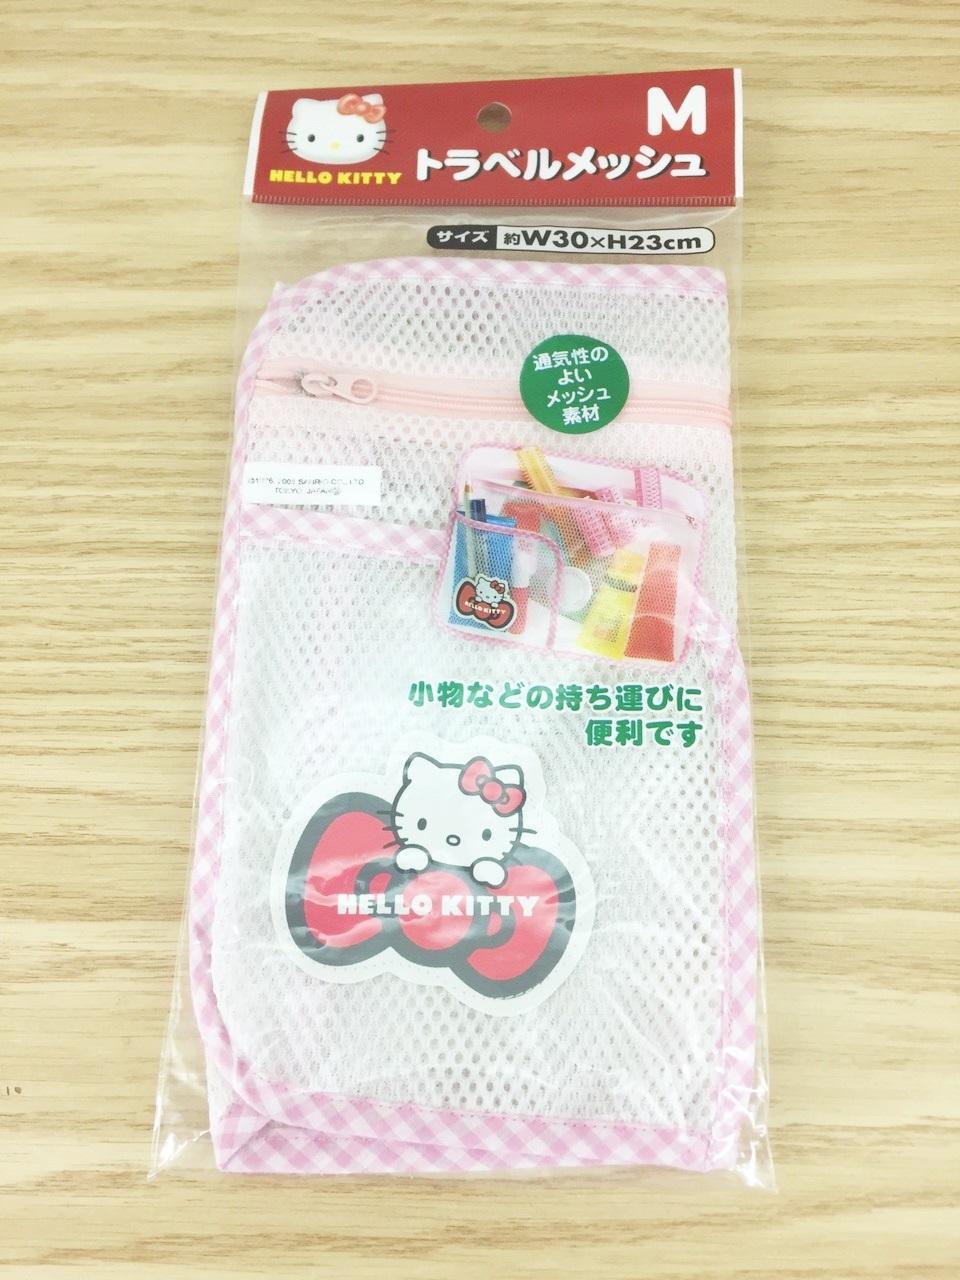 【真愛日本】15122500002 網狀透氣多工收納袋M-紅結 三麗鷗 Hello Kitty 凱蒂貓 收納袋 雜物收